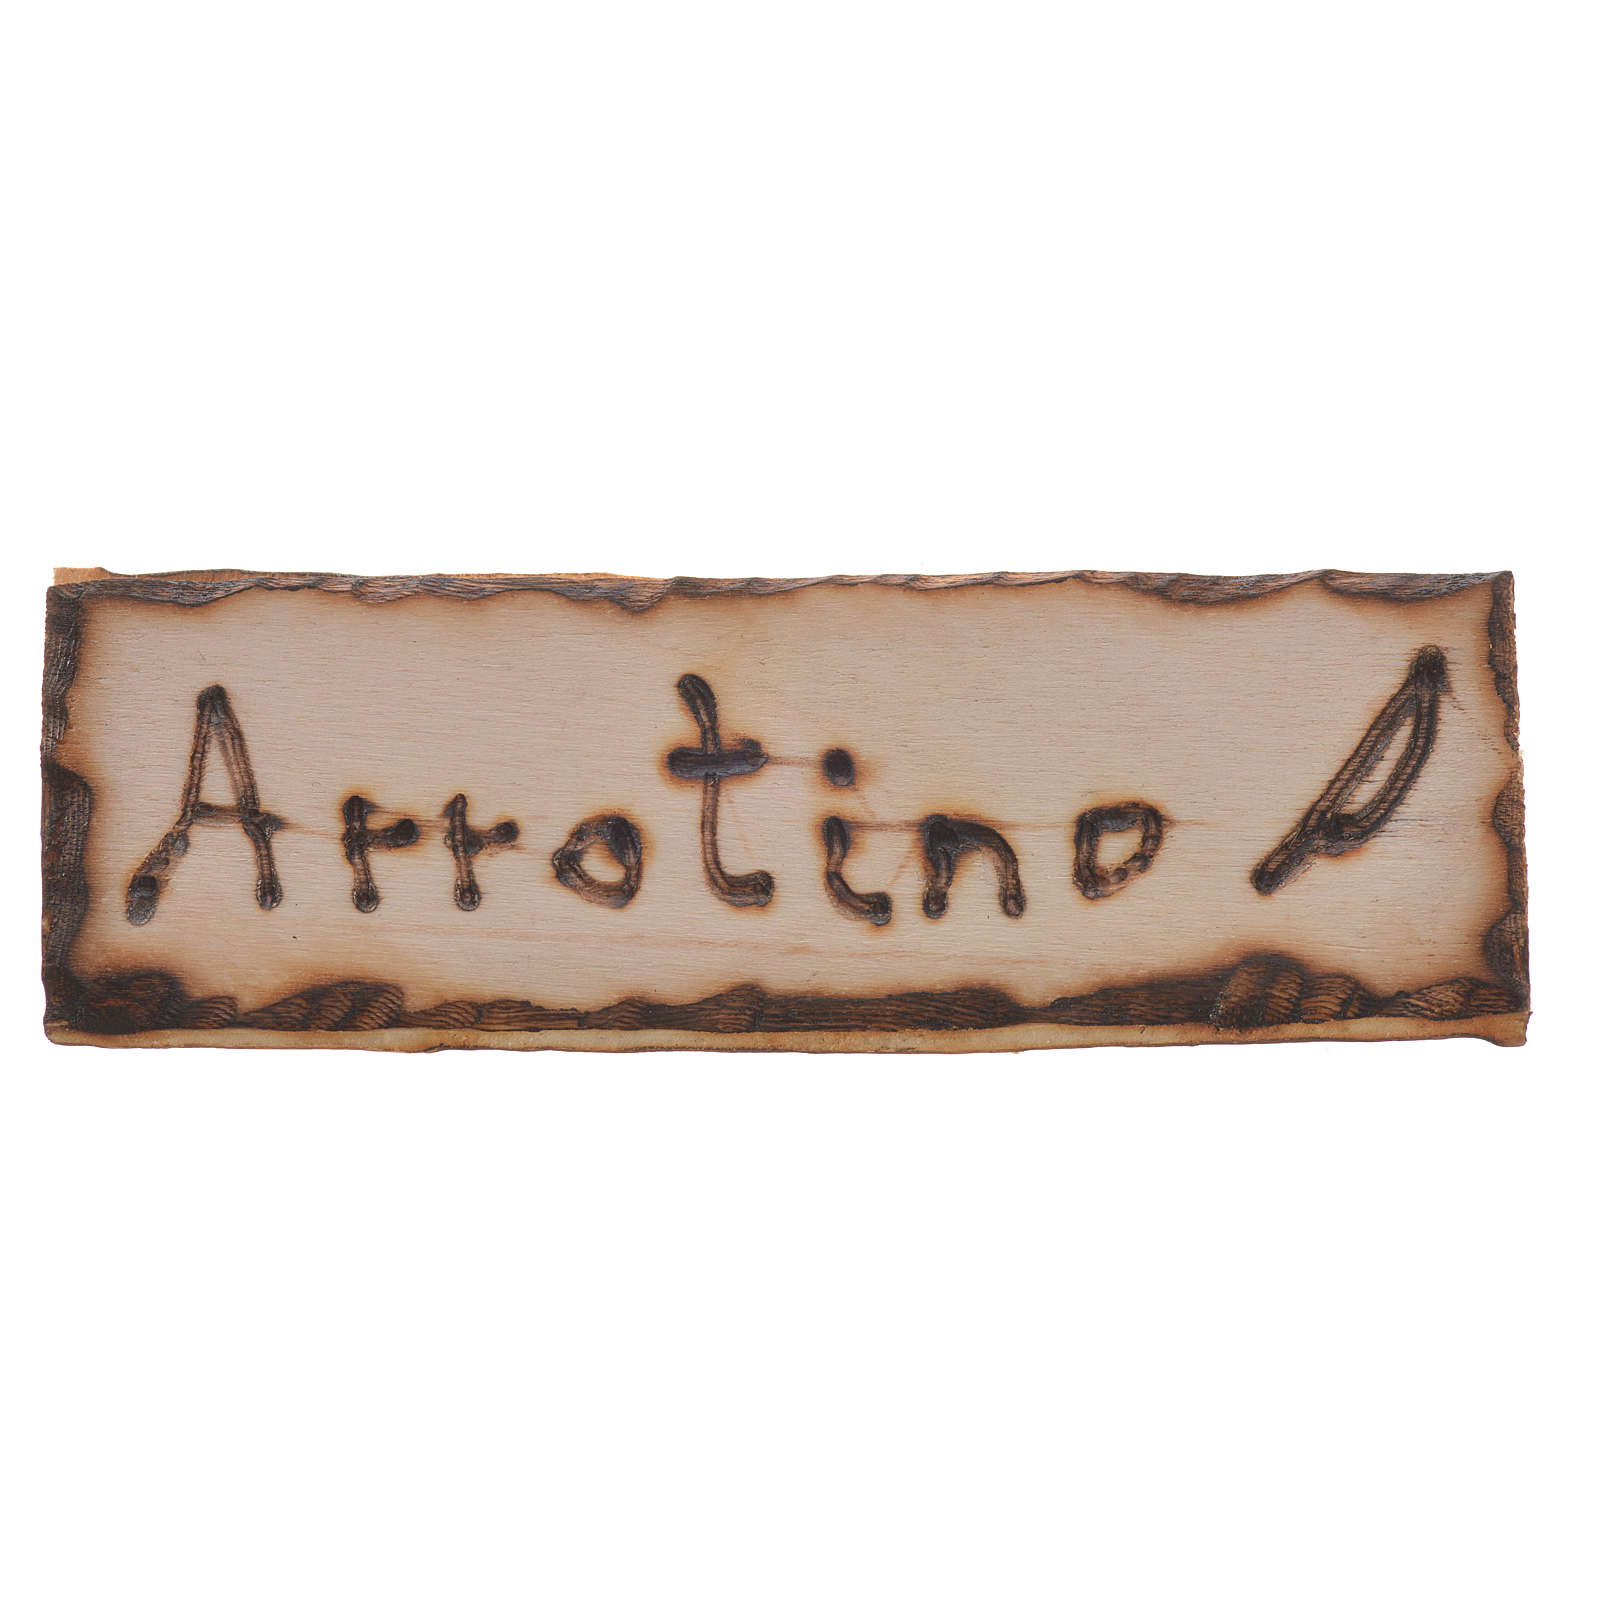 Insegna Arrotino legno per presepe 2,5x9 cm 4